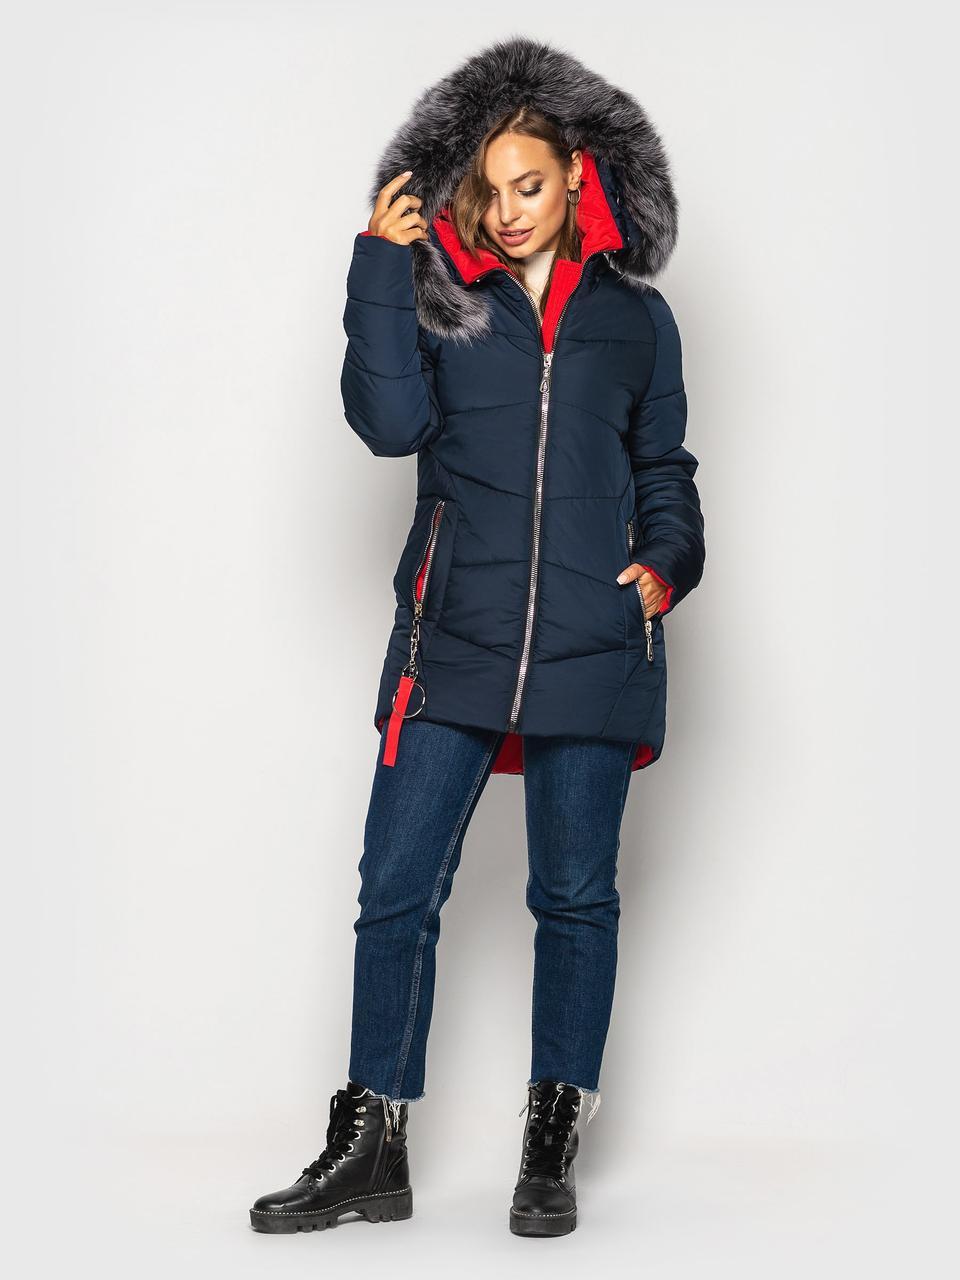 Теплая зимняя куртка Инесса синий(44-54)